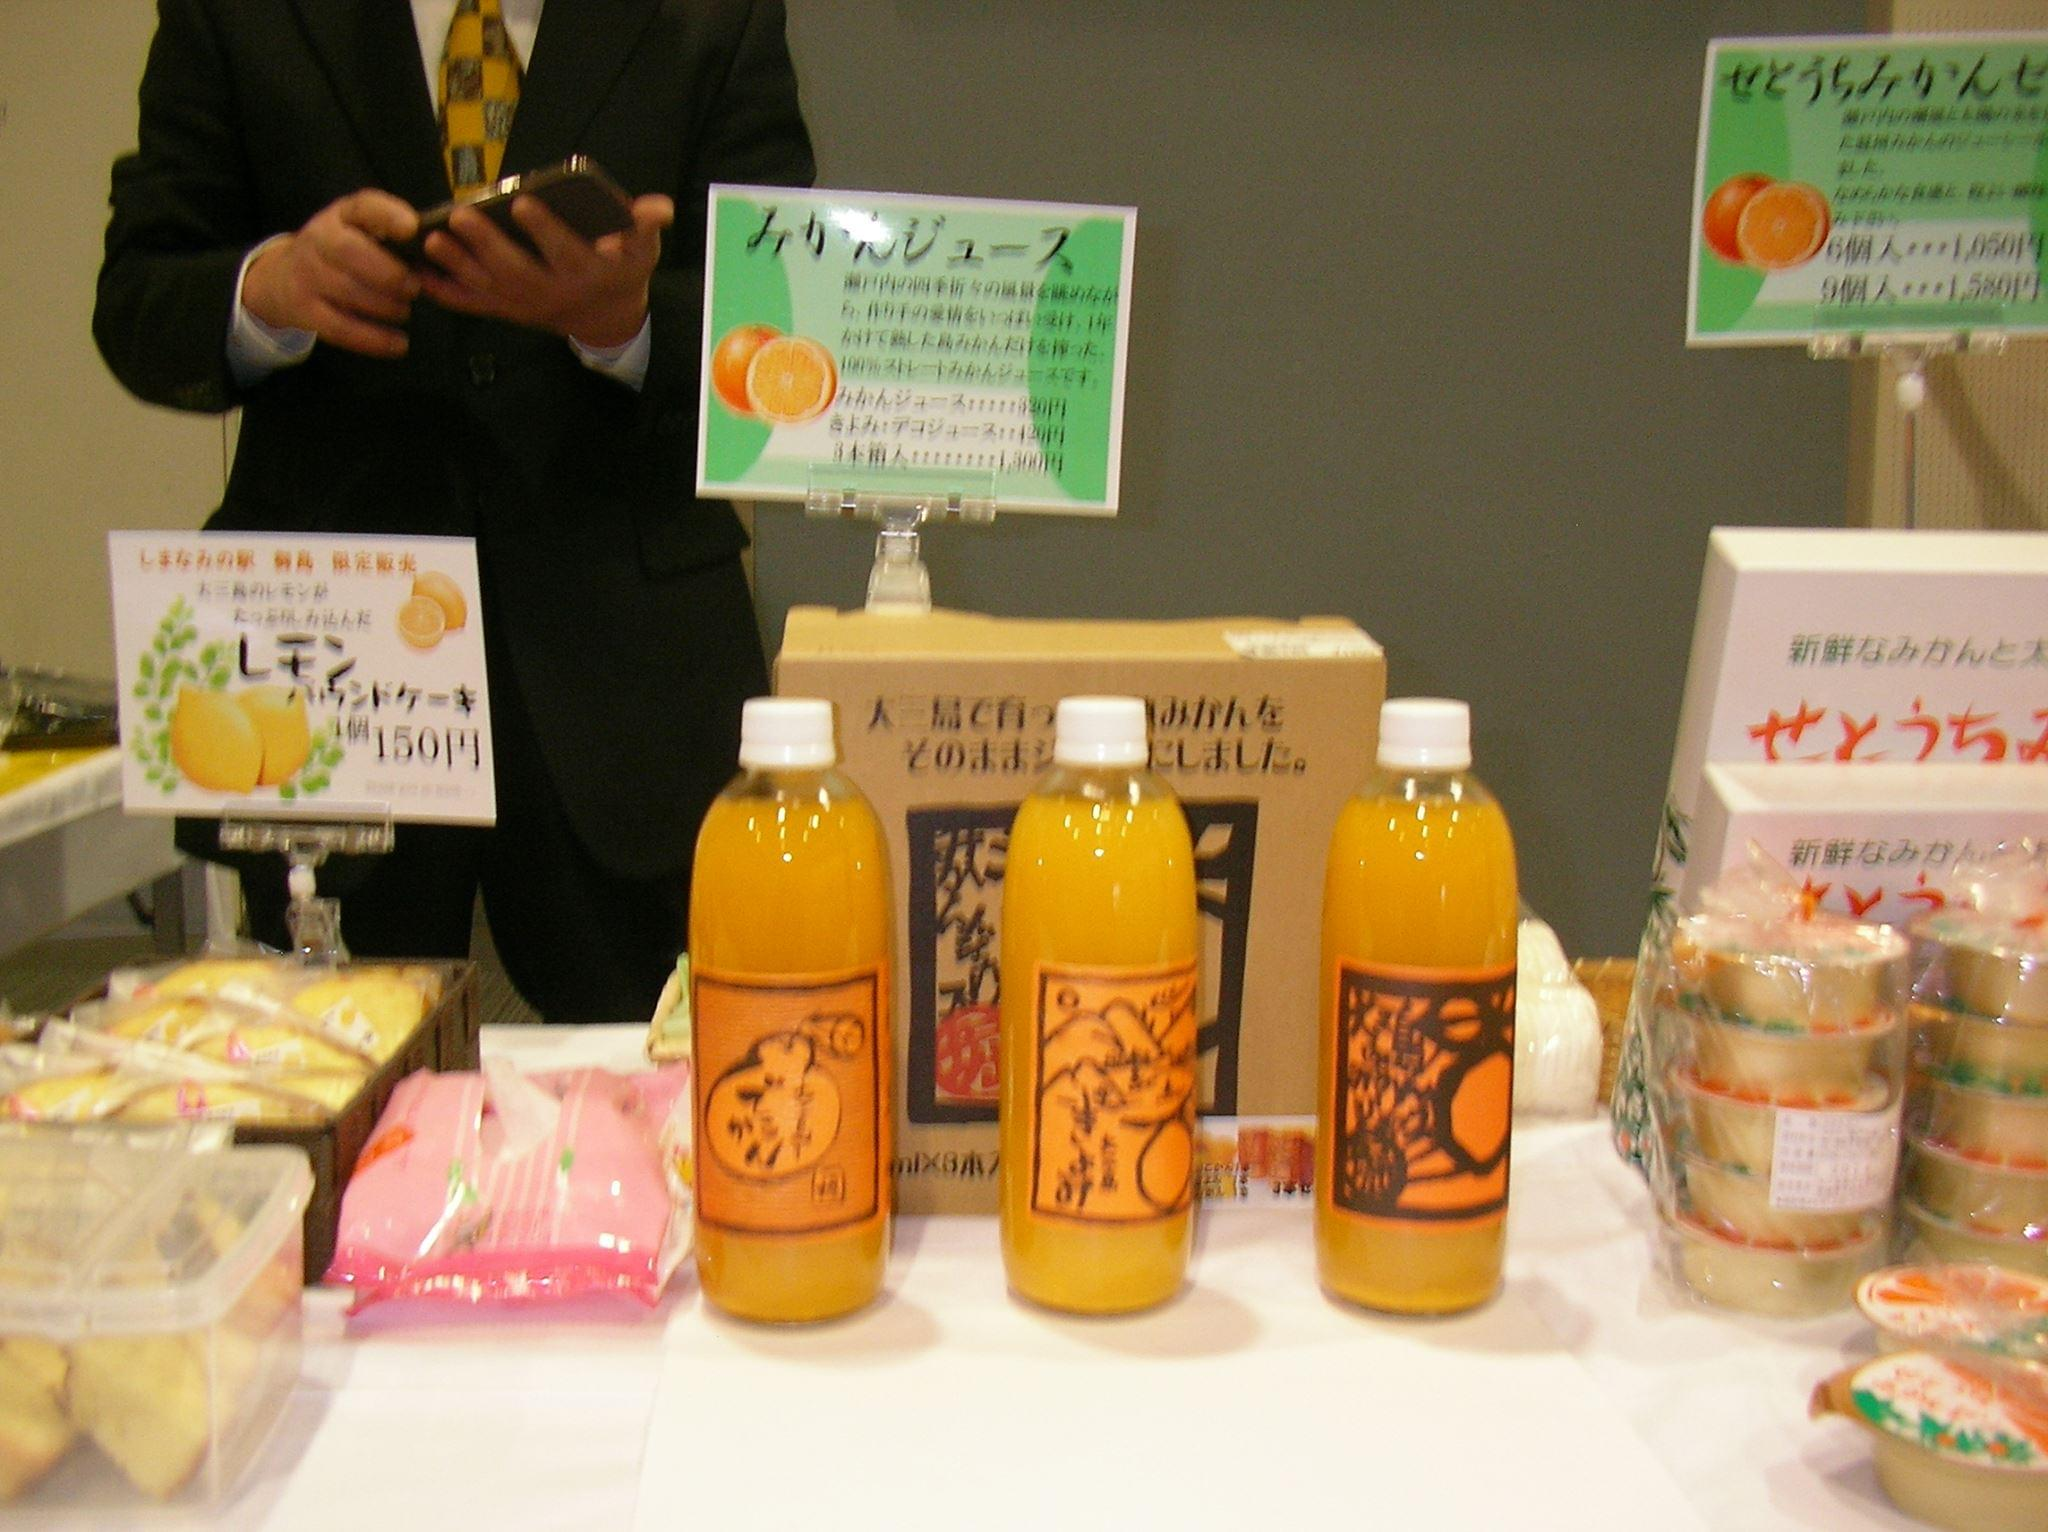 瀬戸内海と言ったらやっぱり柑橘系のおみやげ♪はずせない3大フレッシュテイスト